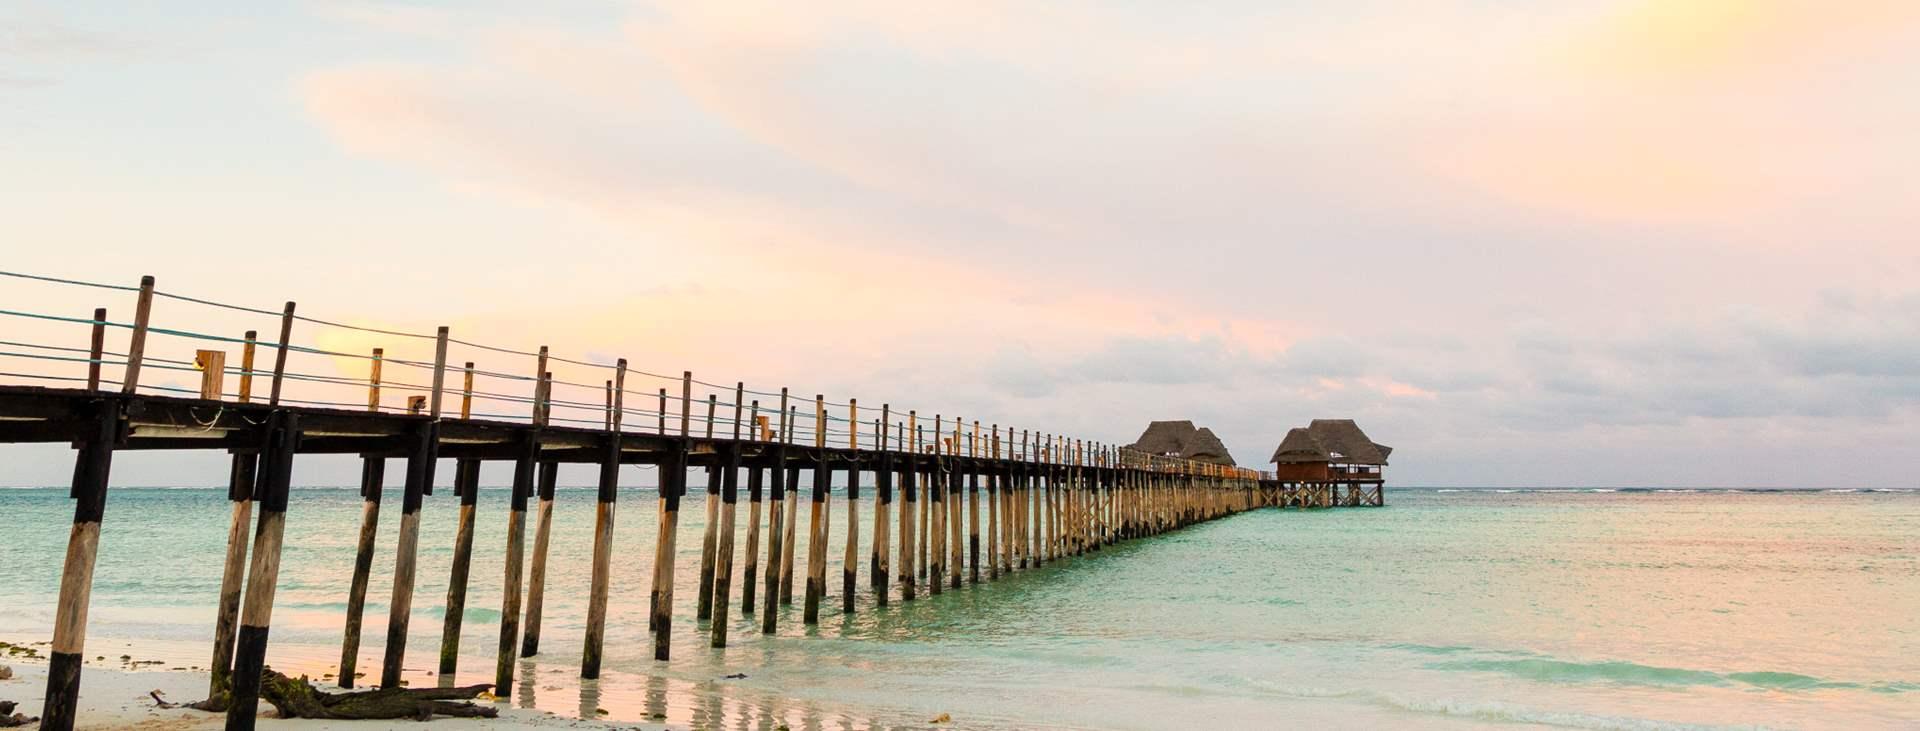 Boka en resa till Tanzania med flyg och hotell